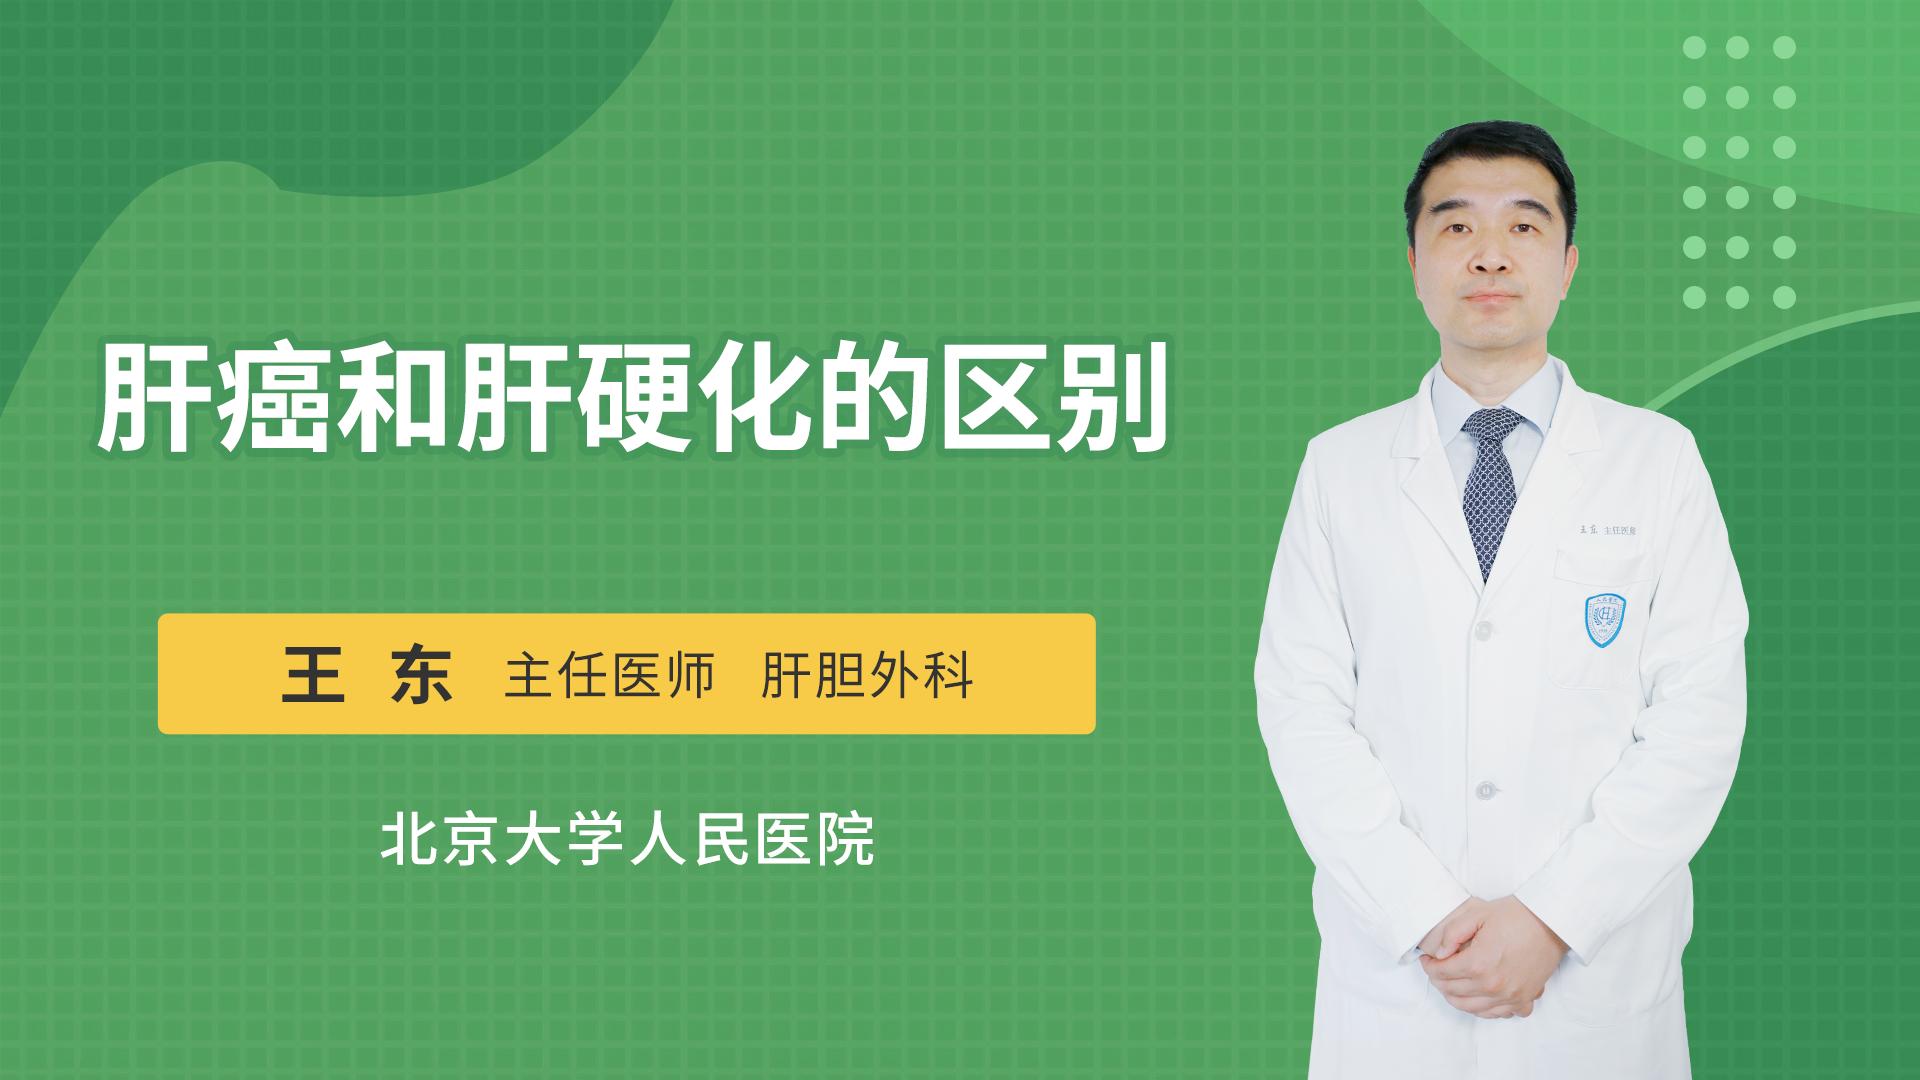 肝癌和肝硬化的区别